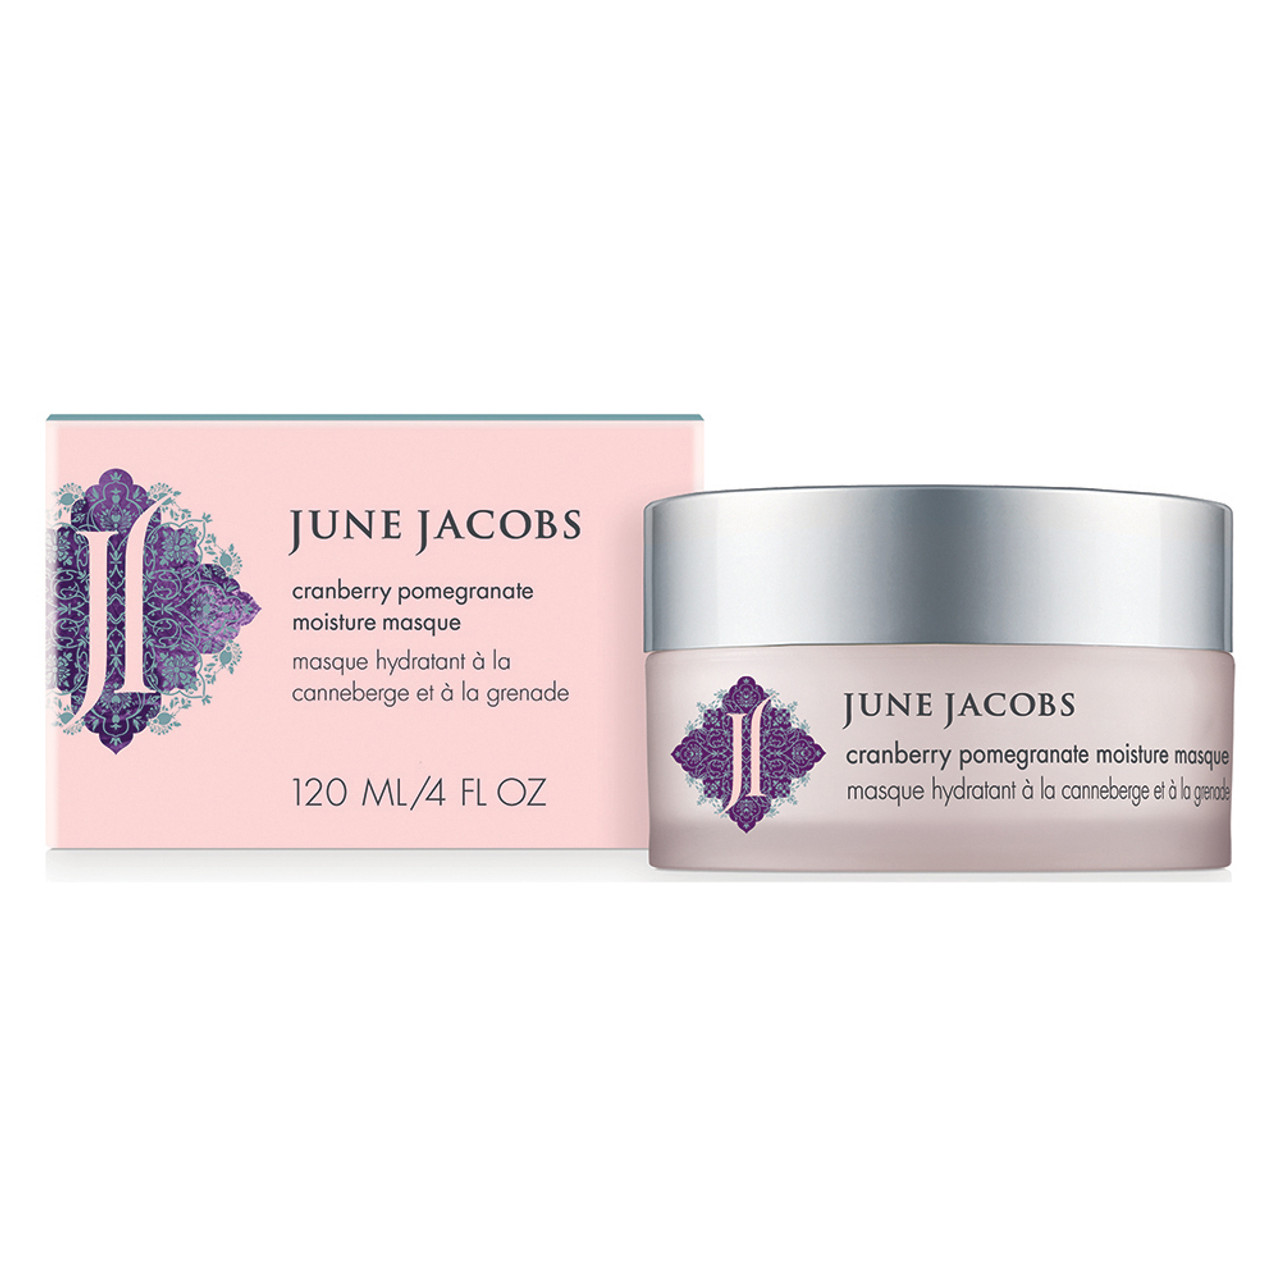 June Jacobs Cranberry Pomegranate Moisture Masque